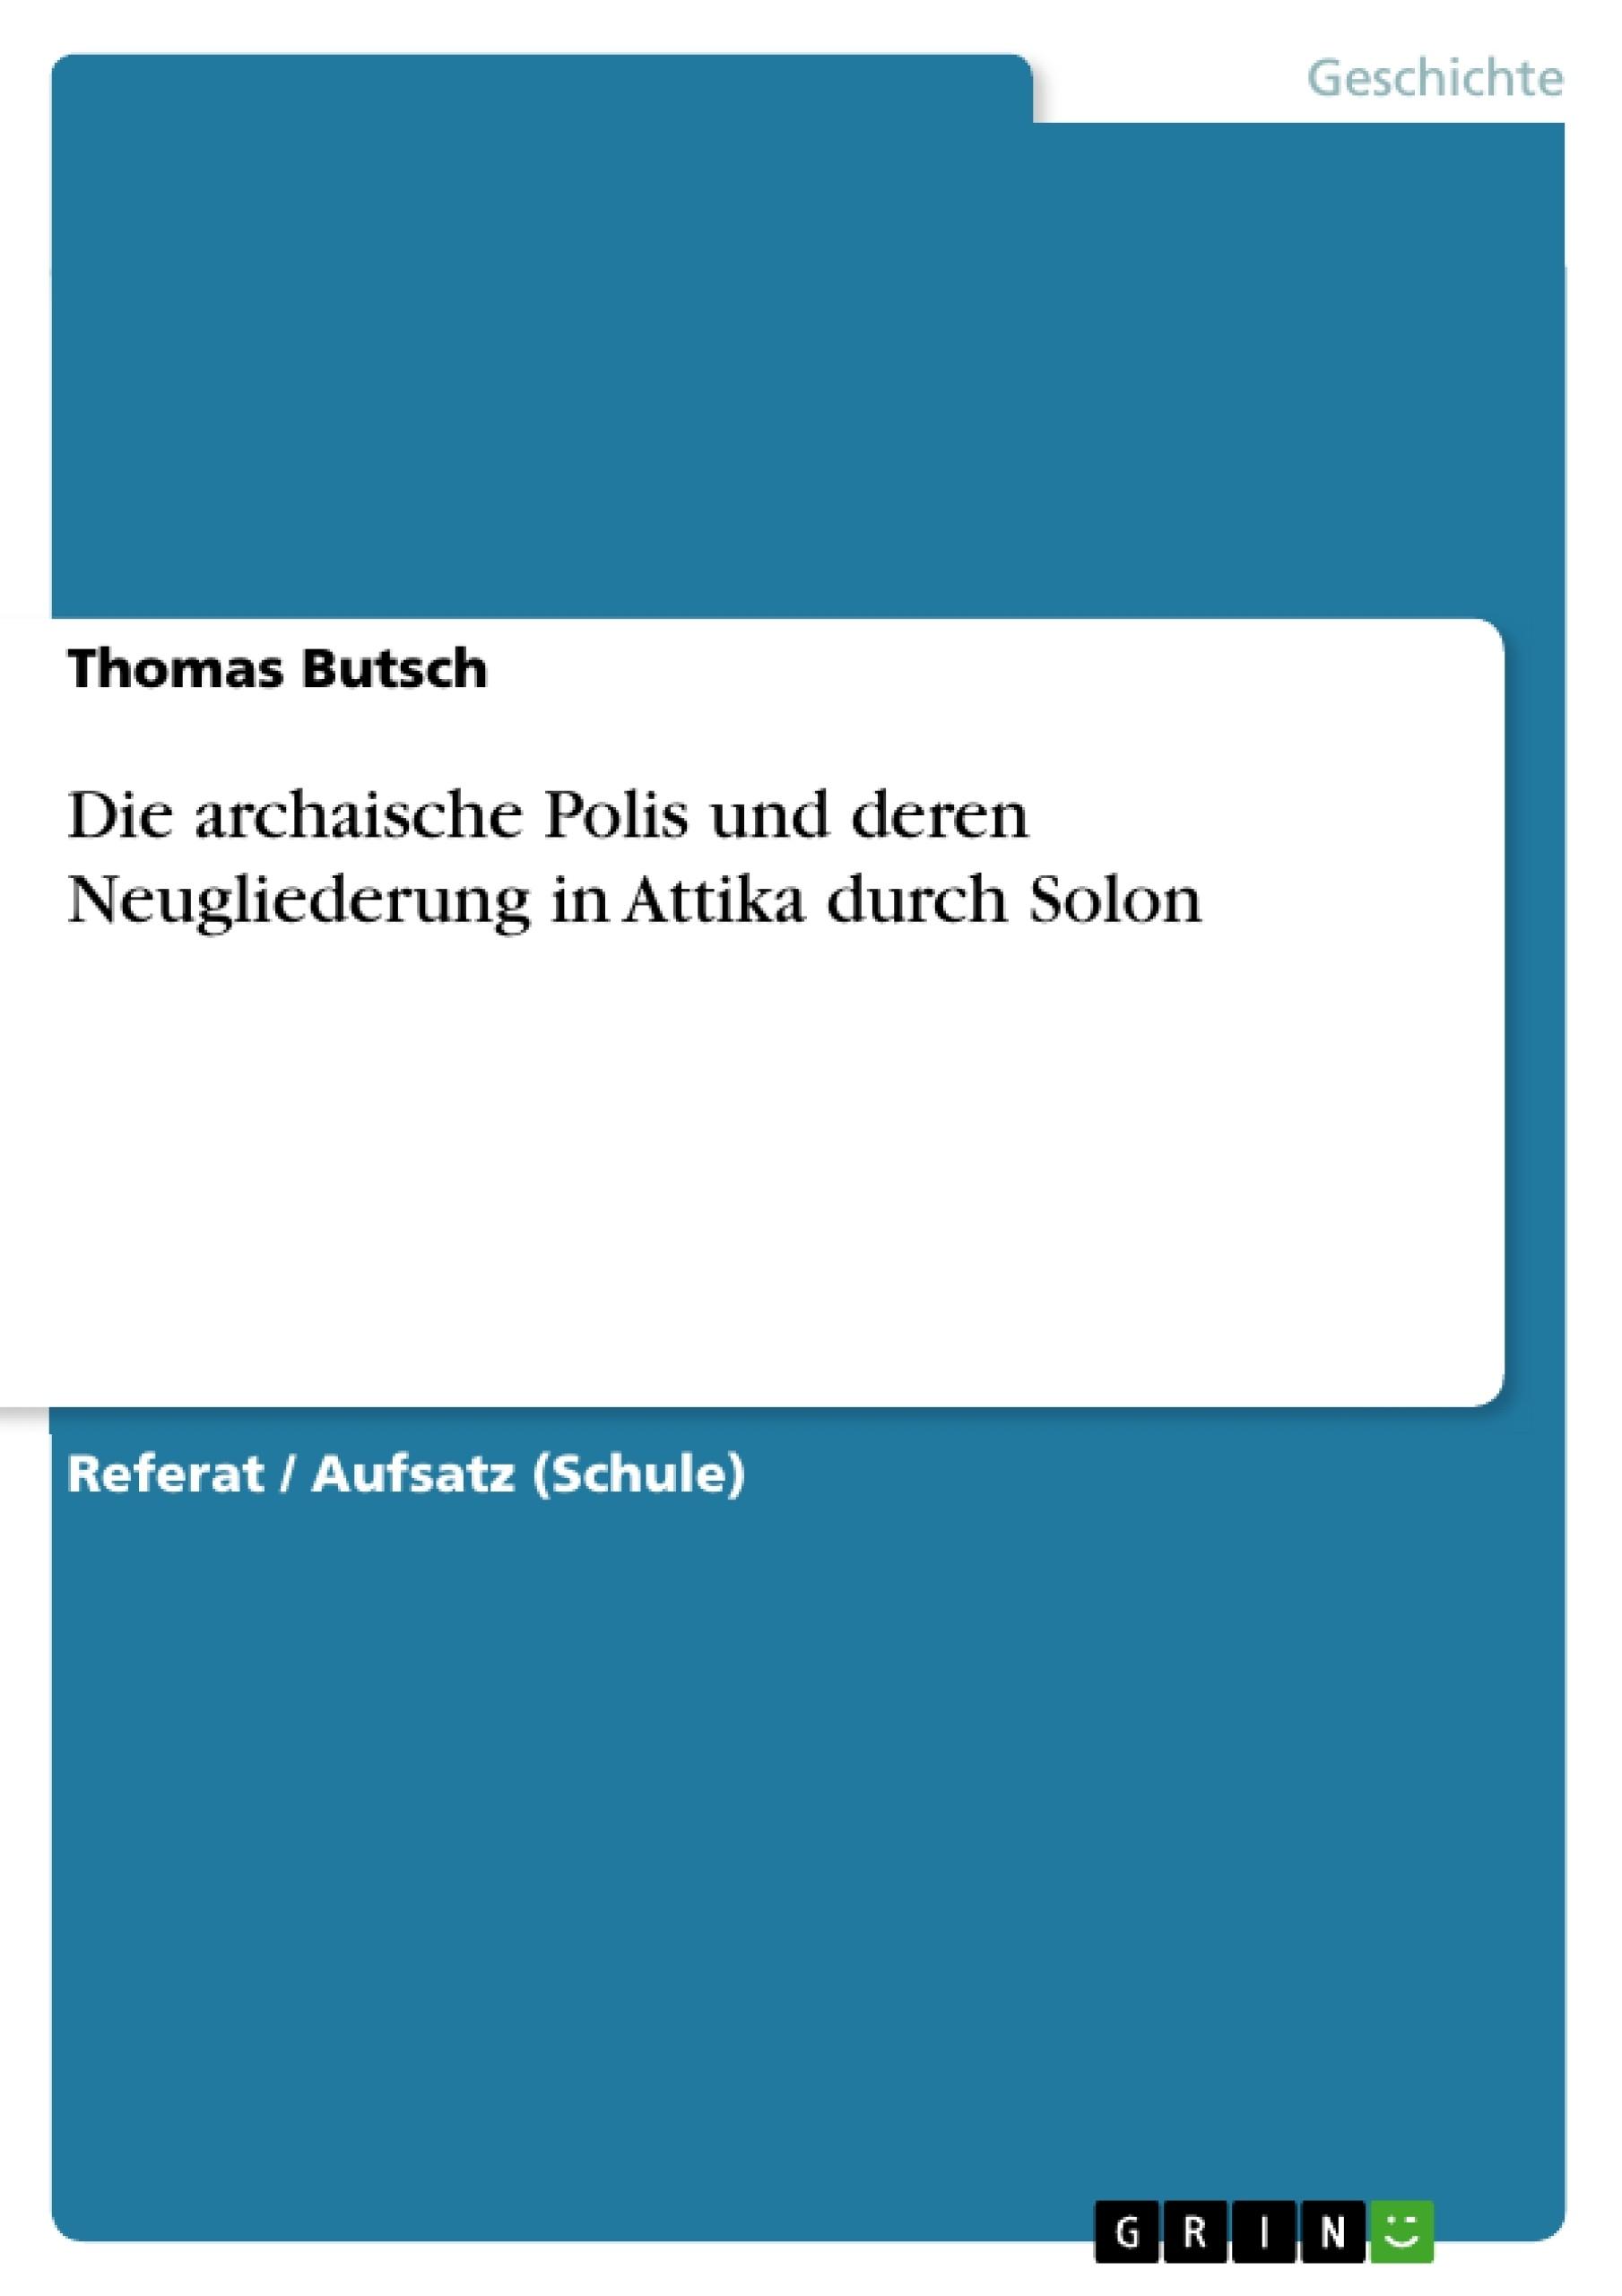 Titel: Die archaische Polis und deren Neugliederung in Attika durch Solon